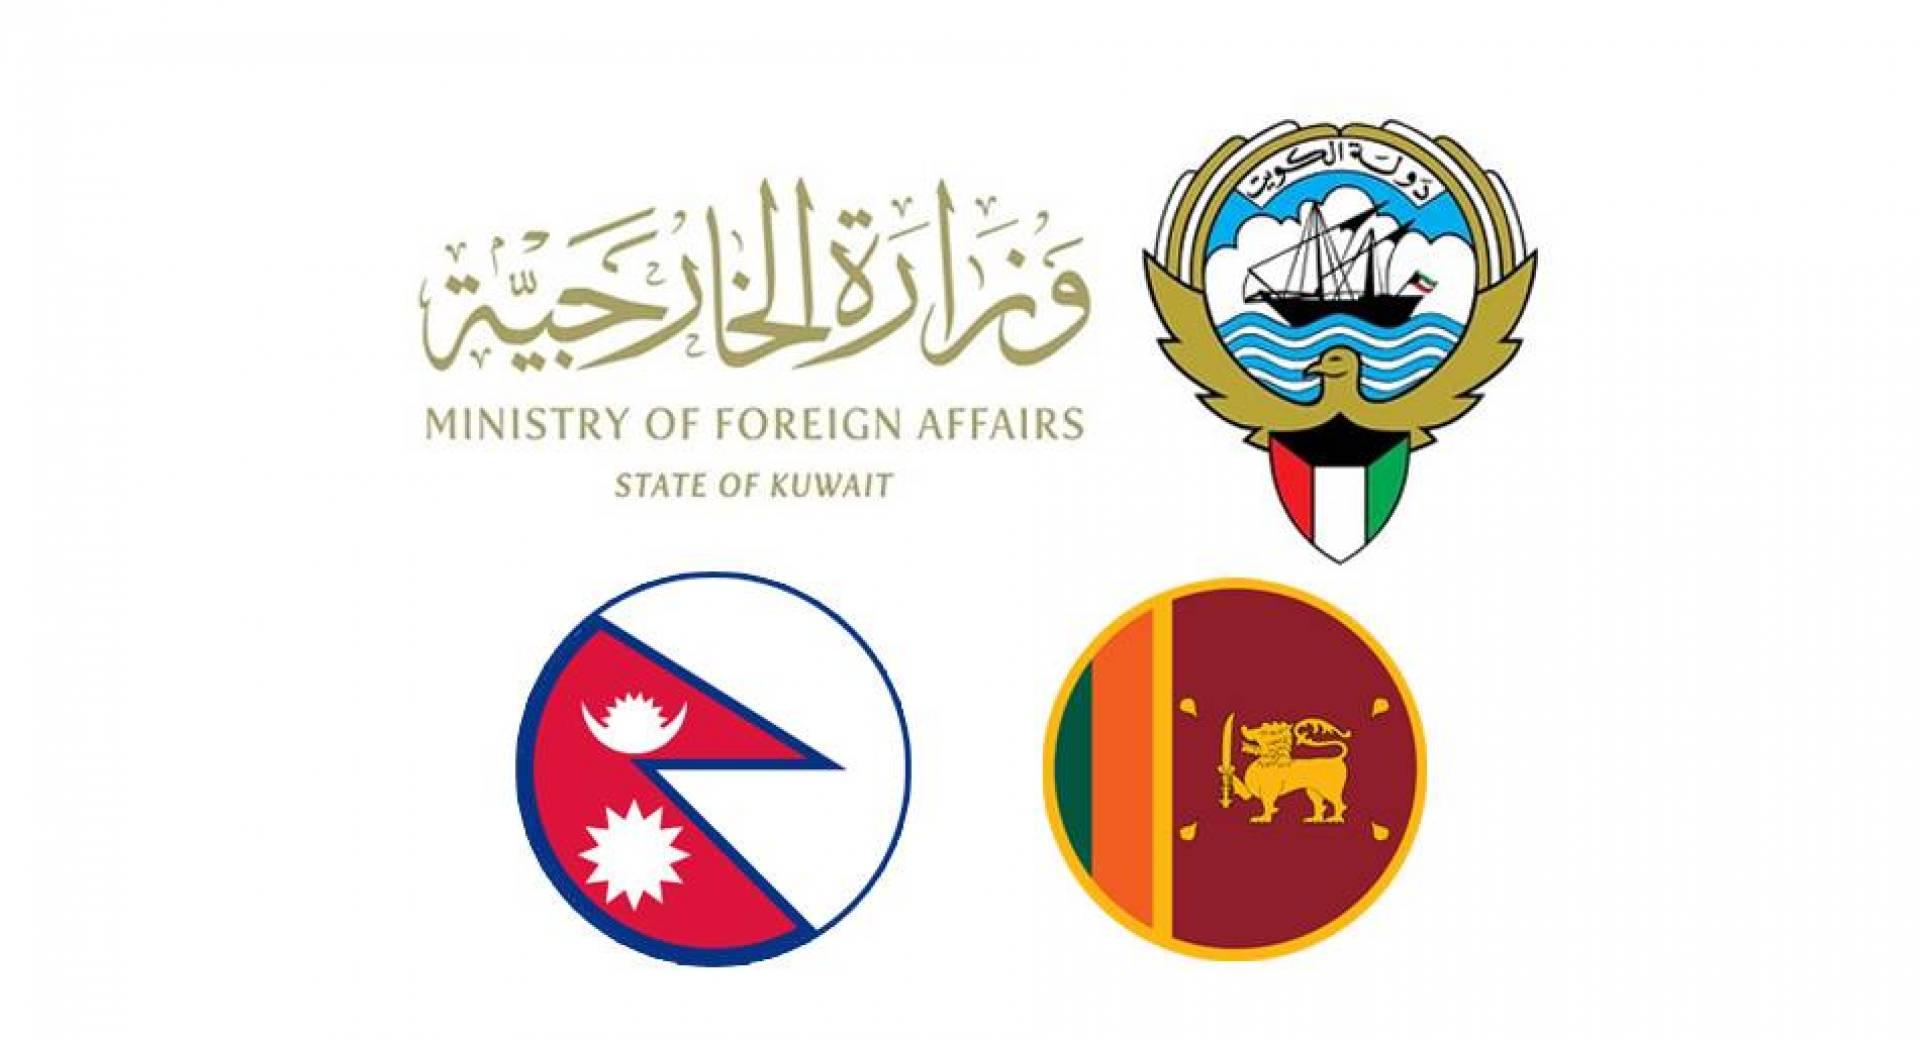 سريلانكا ترفض استقبال رعاياها.. ومصادر دبلوماسية تؤكد: المفاوضات لازالت جارية